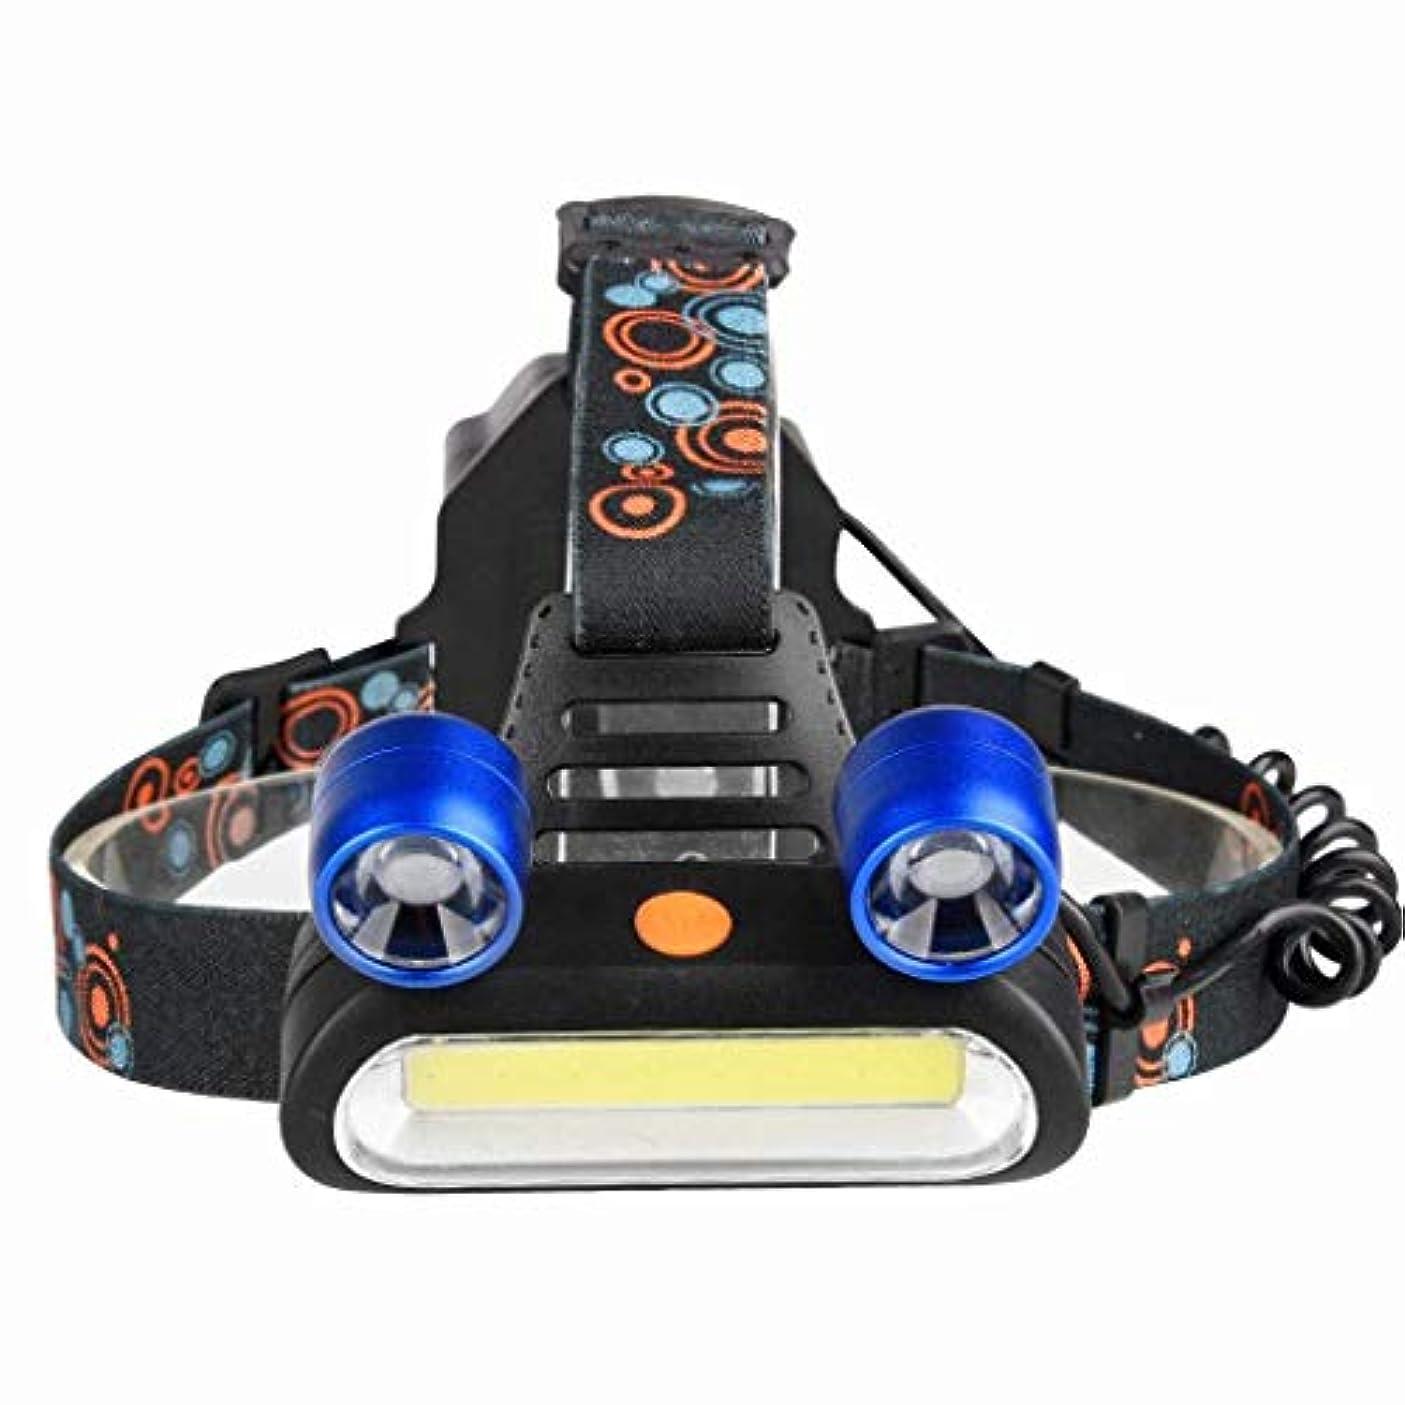 再生的変なラベンダーXIAOBUDIAN LEDヘッドライトCOB + T6屋外用ヘッドライト懐中電灯照明用強力ヘッドライトUSB充電式4モード